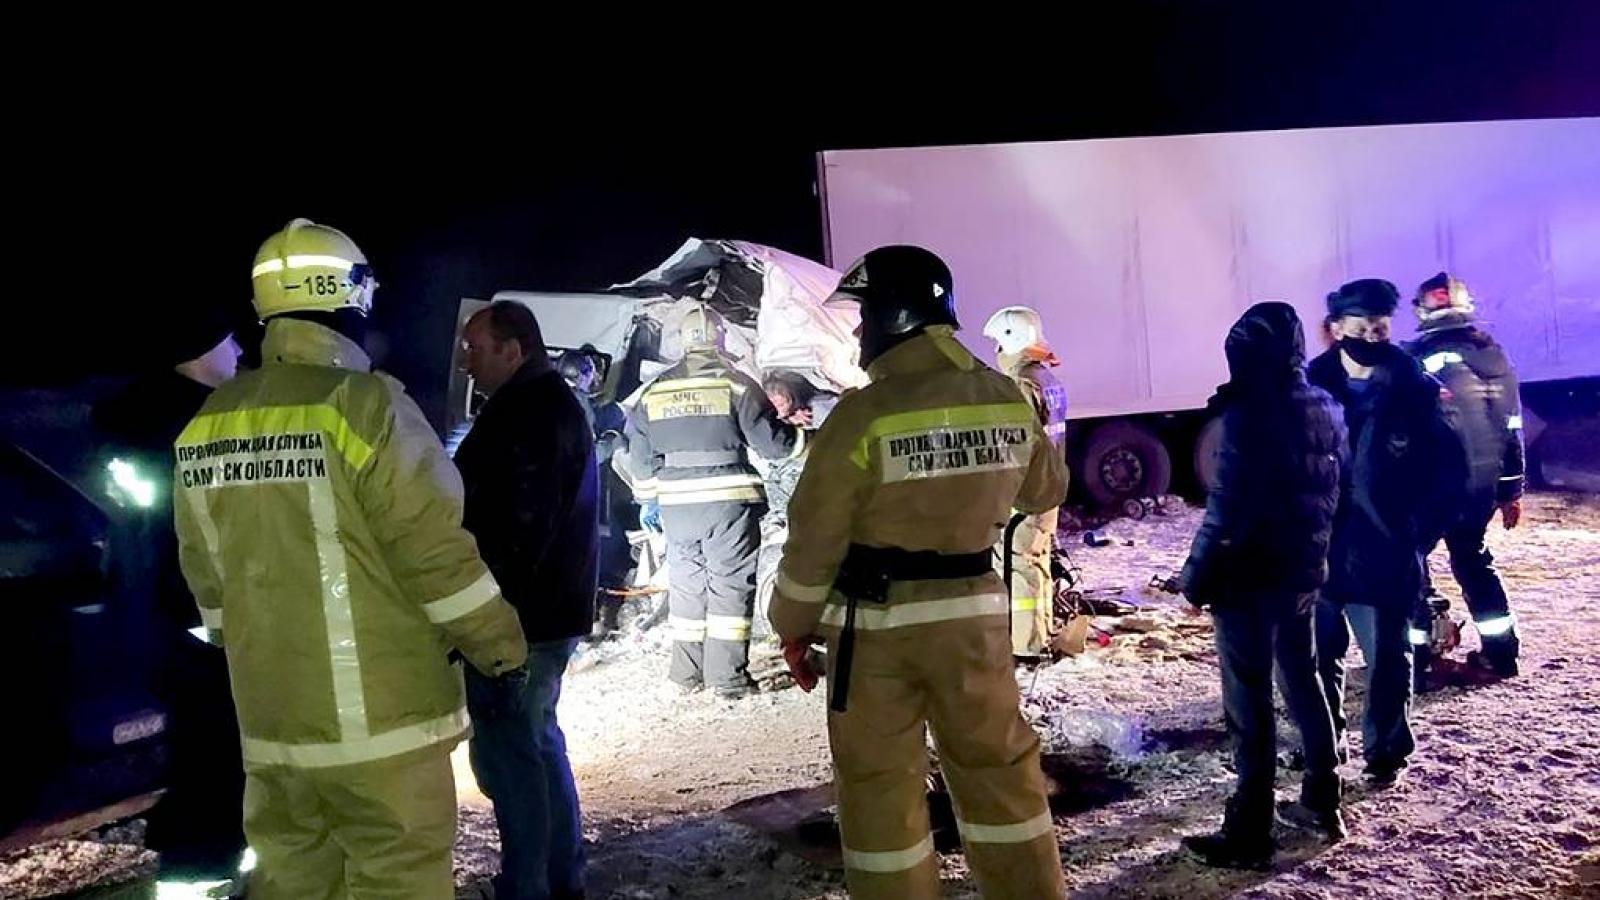 Tai nạn giao thông nghiêm trọng ở Nga khiến 12 người thiệt mạng